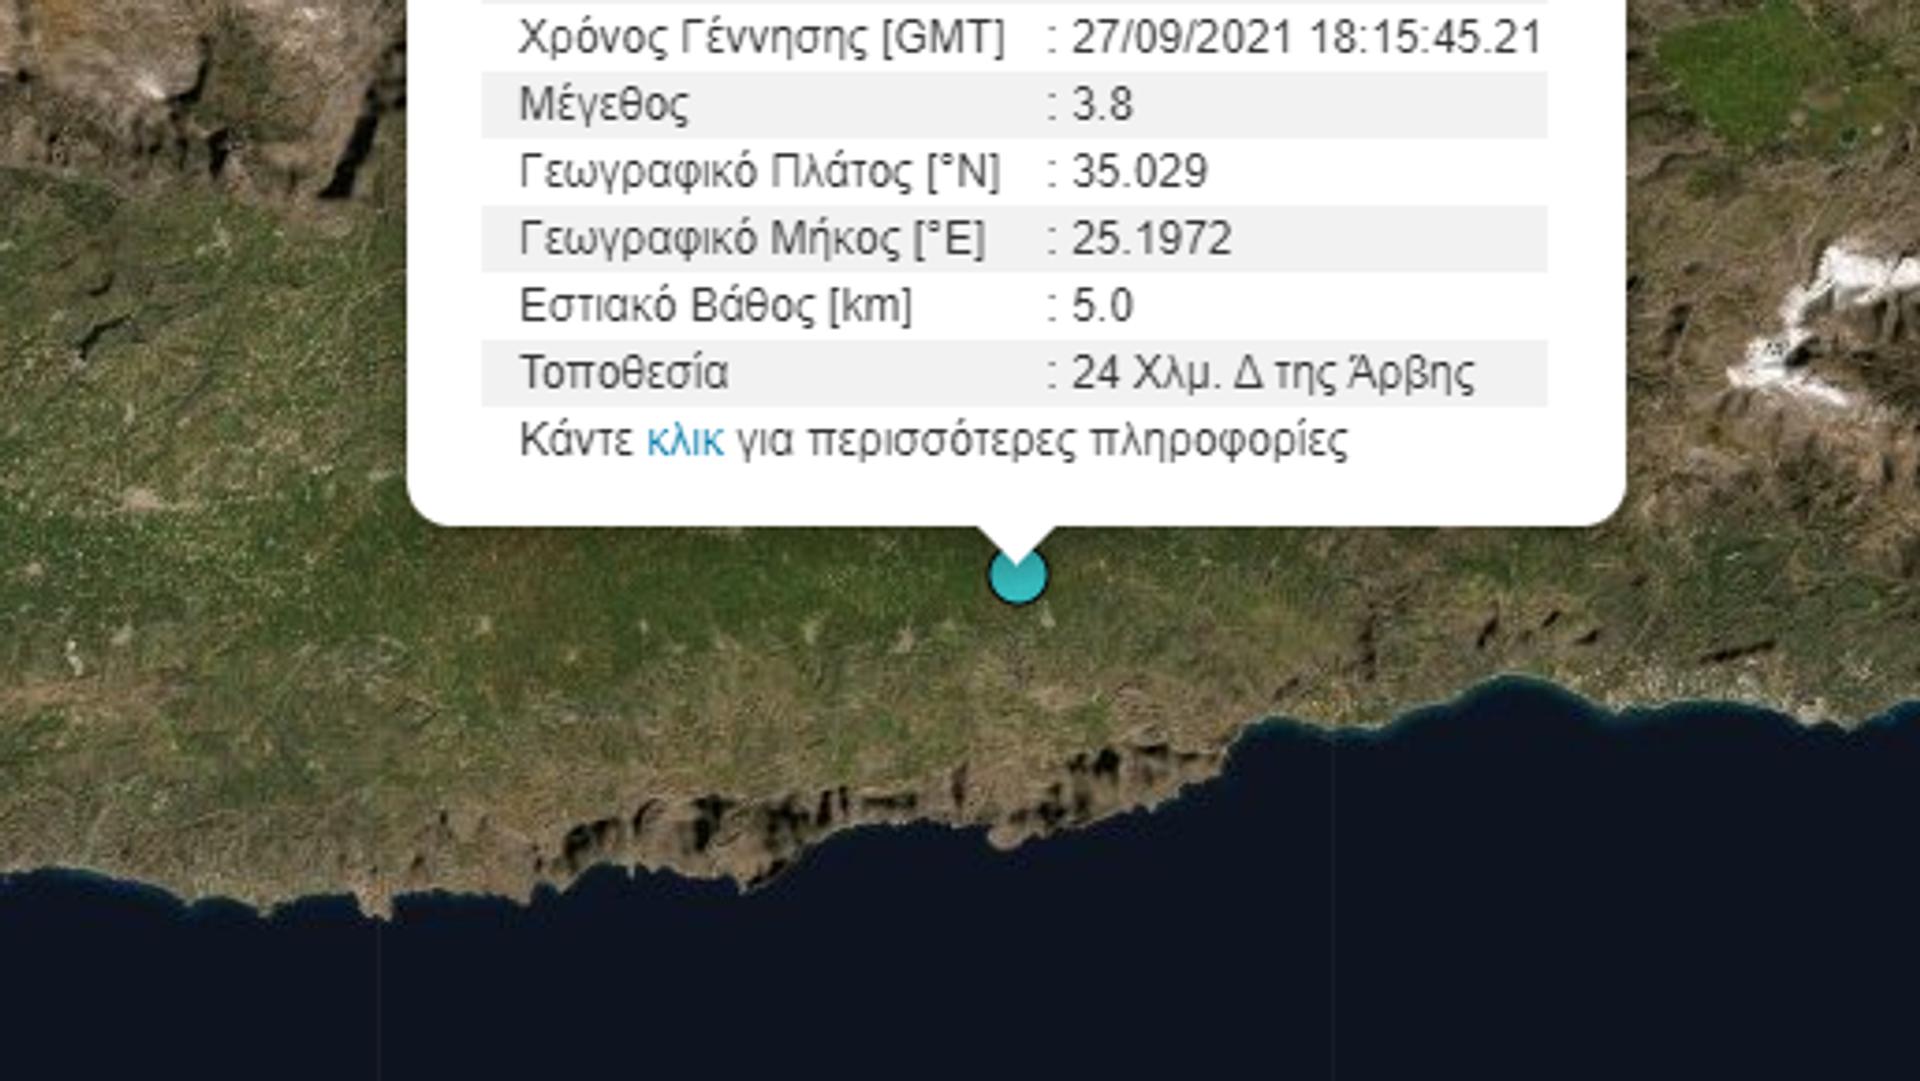 Σεισμός στο Ηράκλειο - Sputnik Ελλάδα, 1920, 27.09.2021